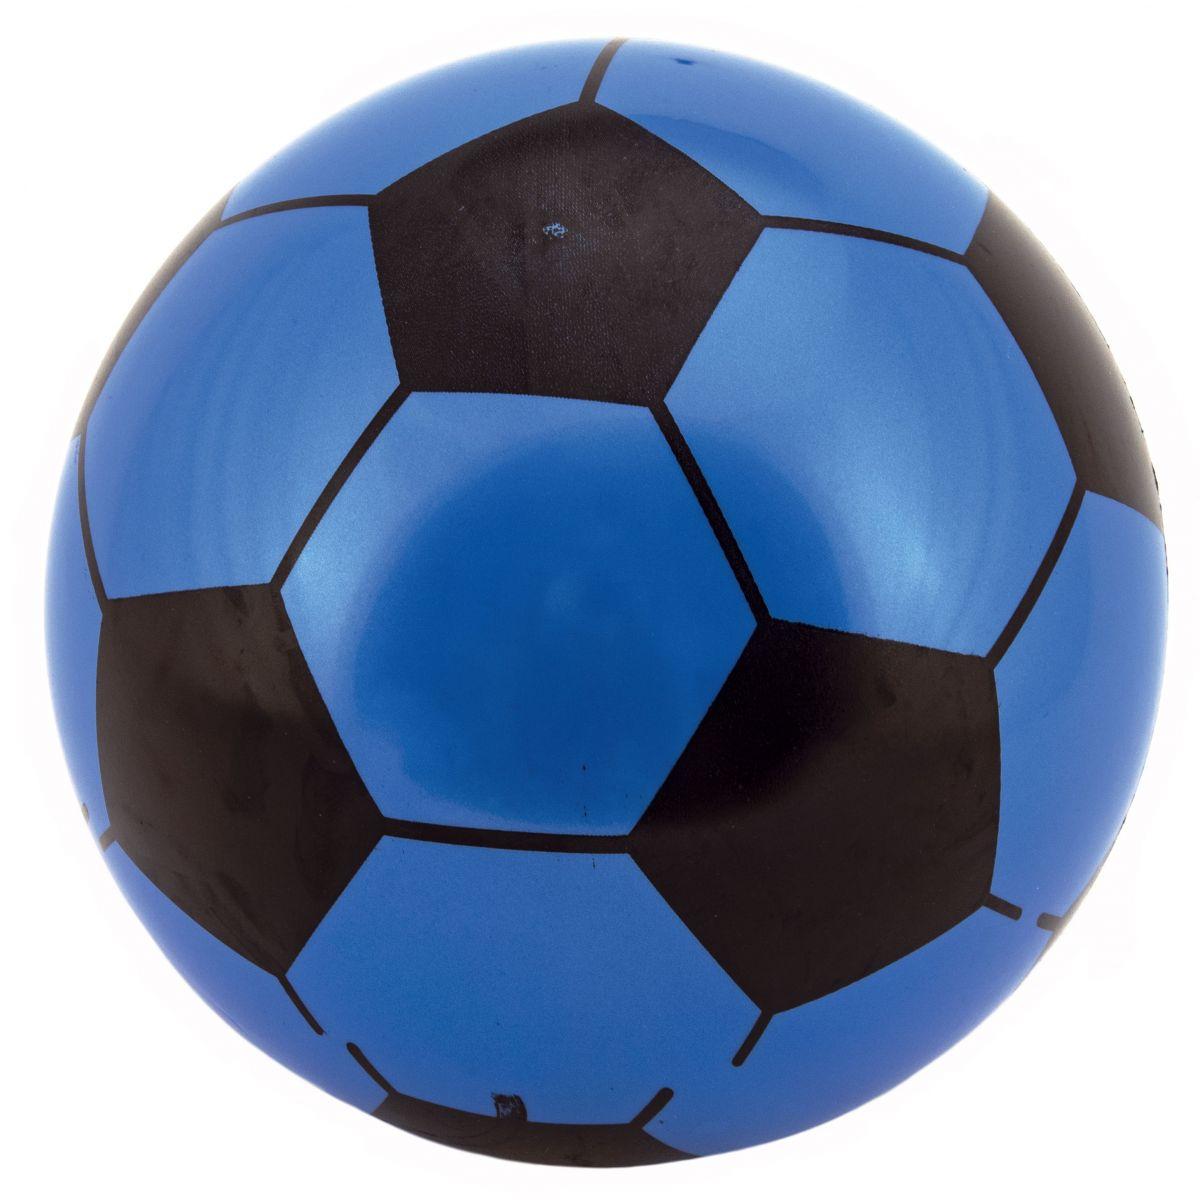 Míč Super Tele gumový 23 cm modrý